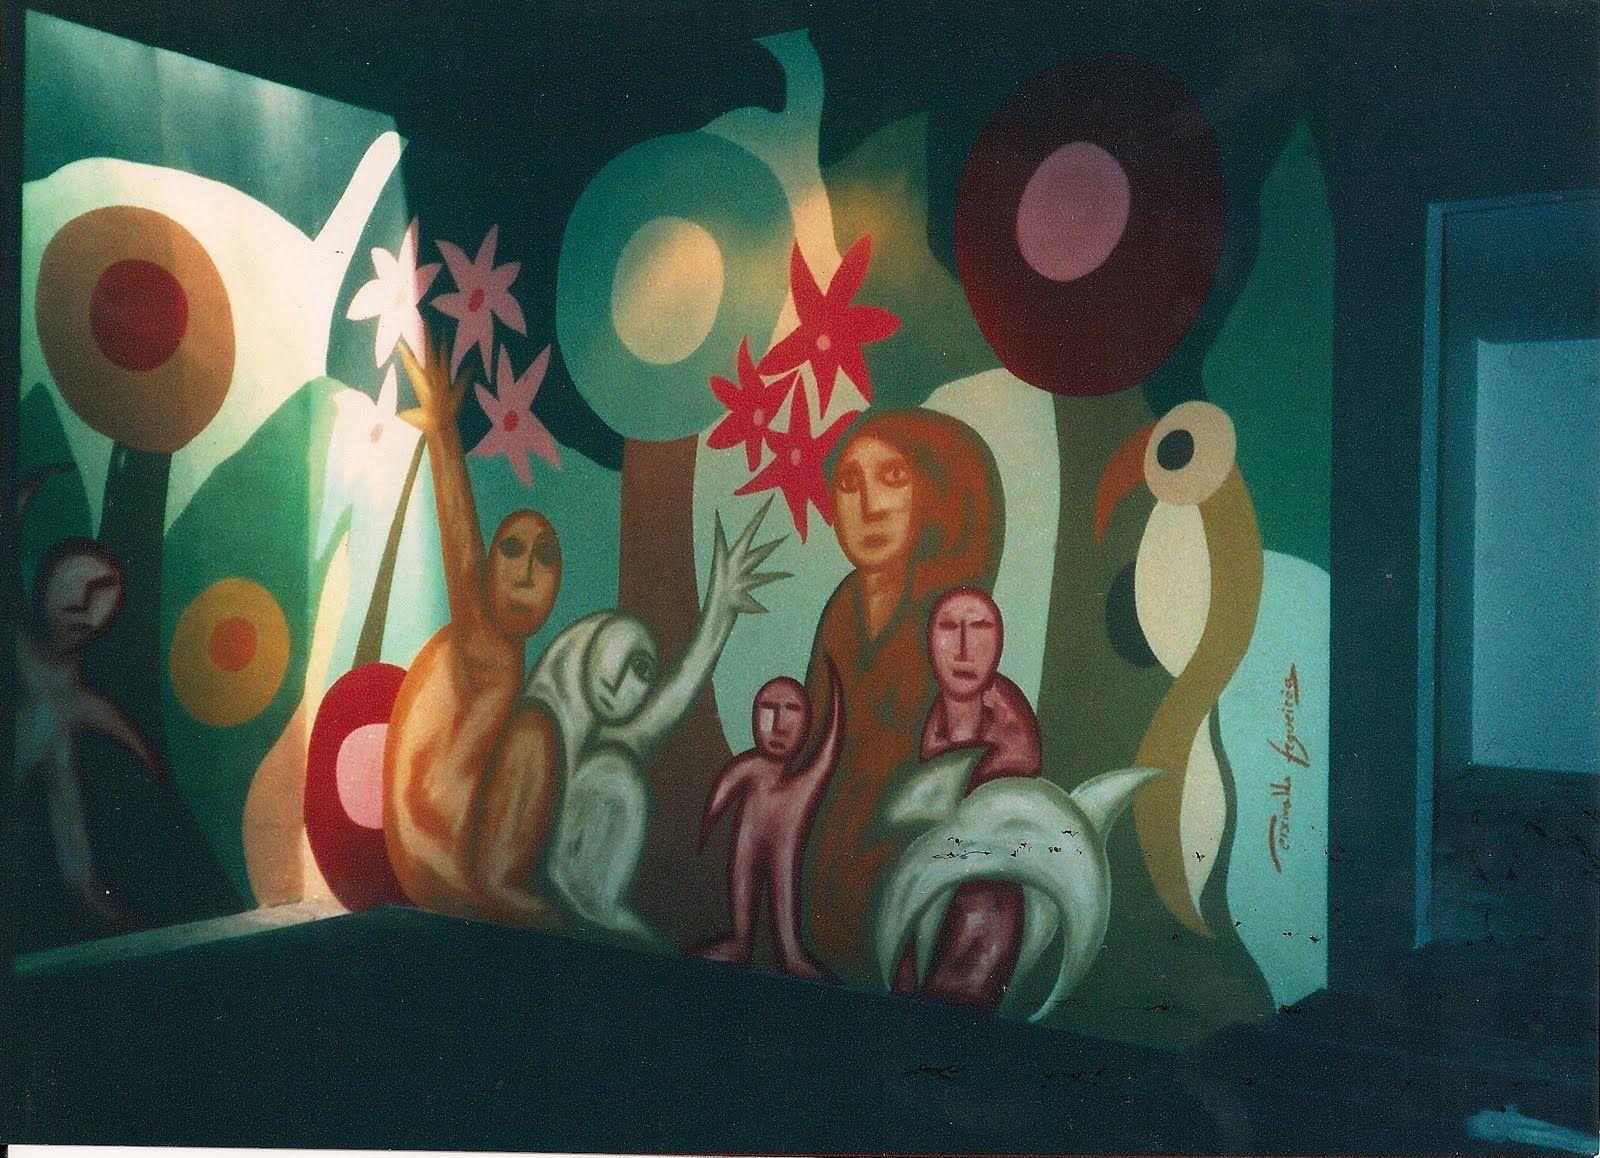 Persivaldo Figueirôa - Artista Plástico: Pinturas sobre Parede